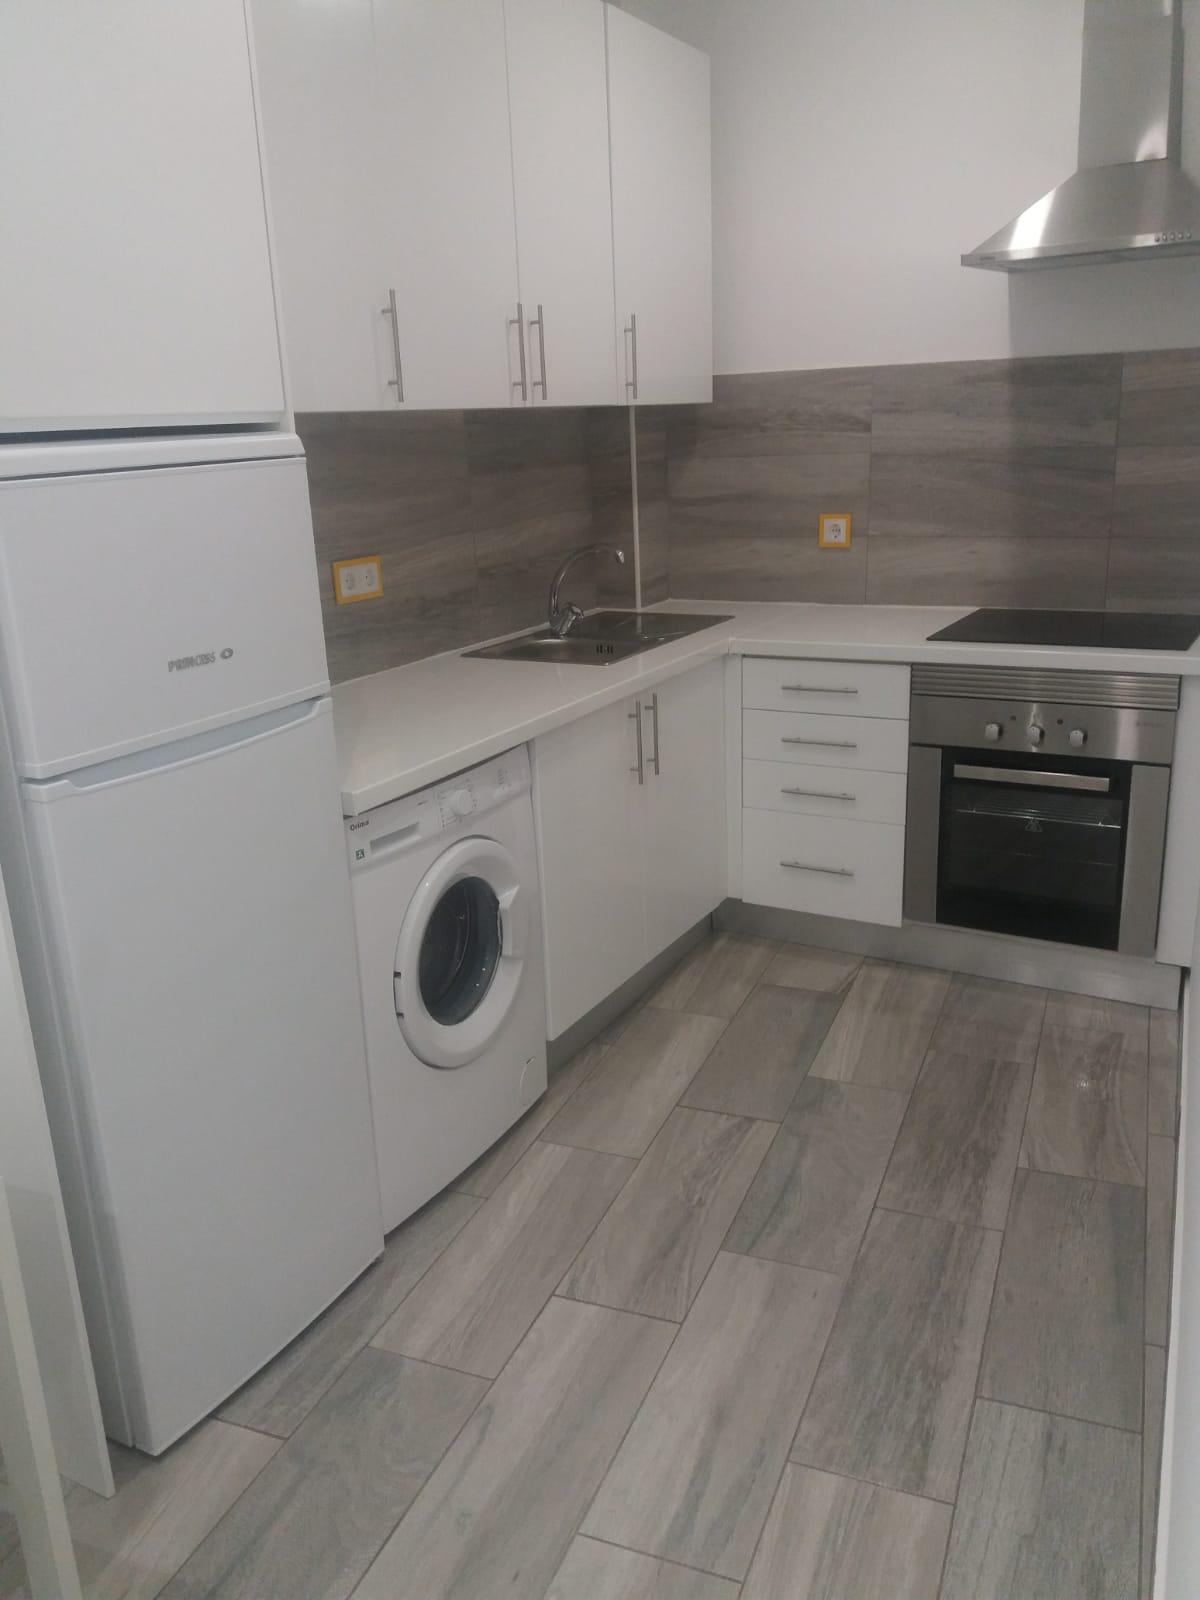 Location appartements et villas de vacance, Sol apartment à Portimão, Portugal Algarve, REF_IMG_5675_5678